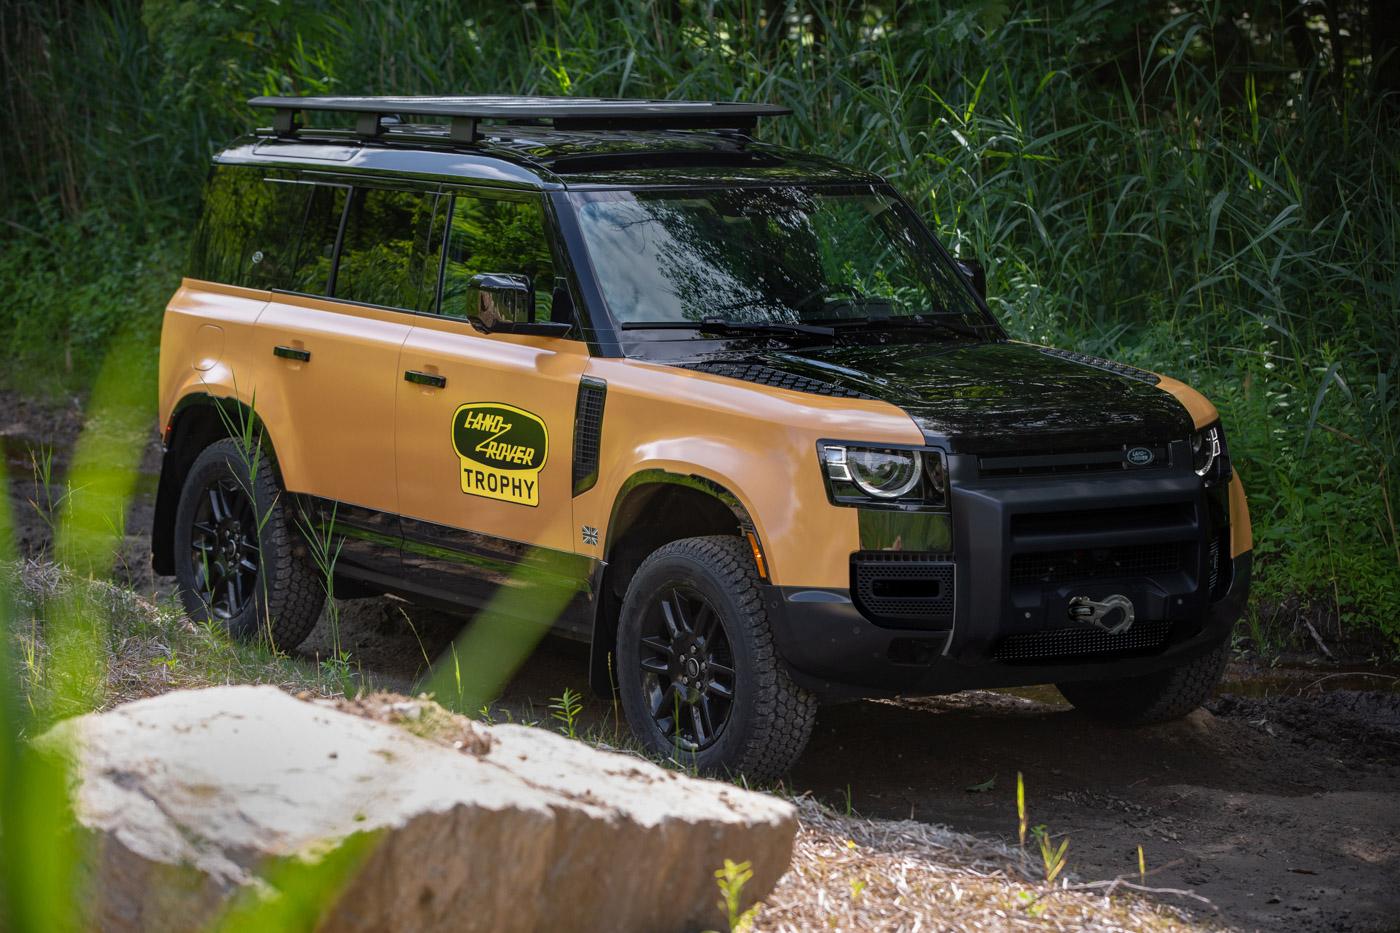 Land-Rover-Defender-L663-Trophy-Edition-4.jpg